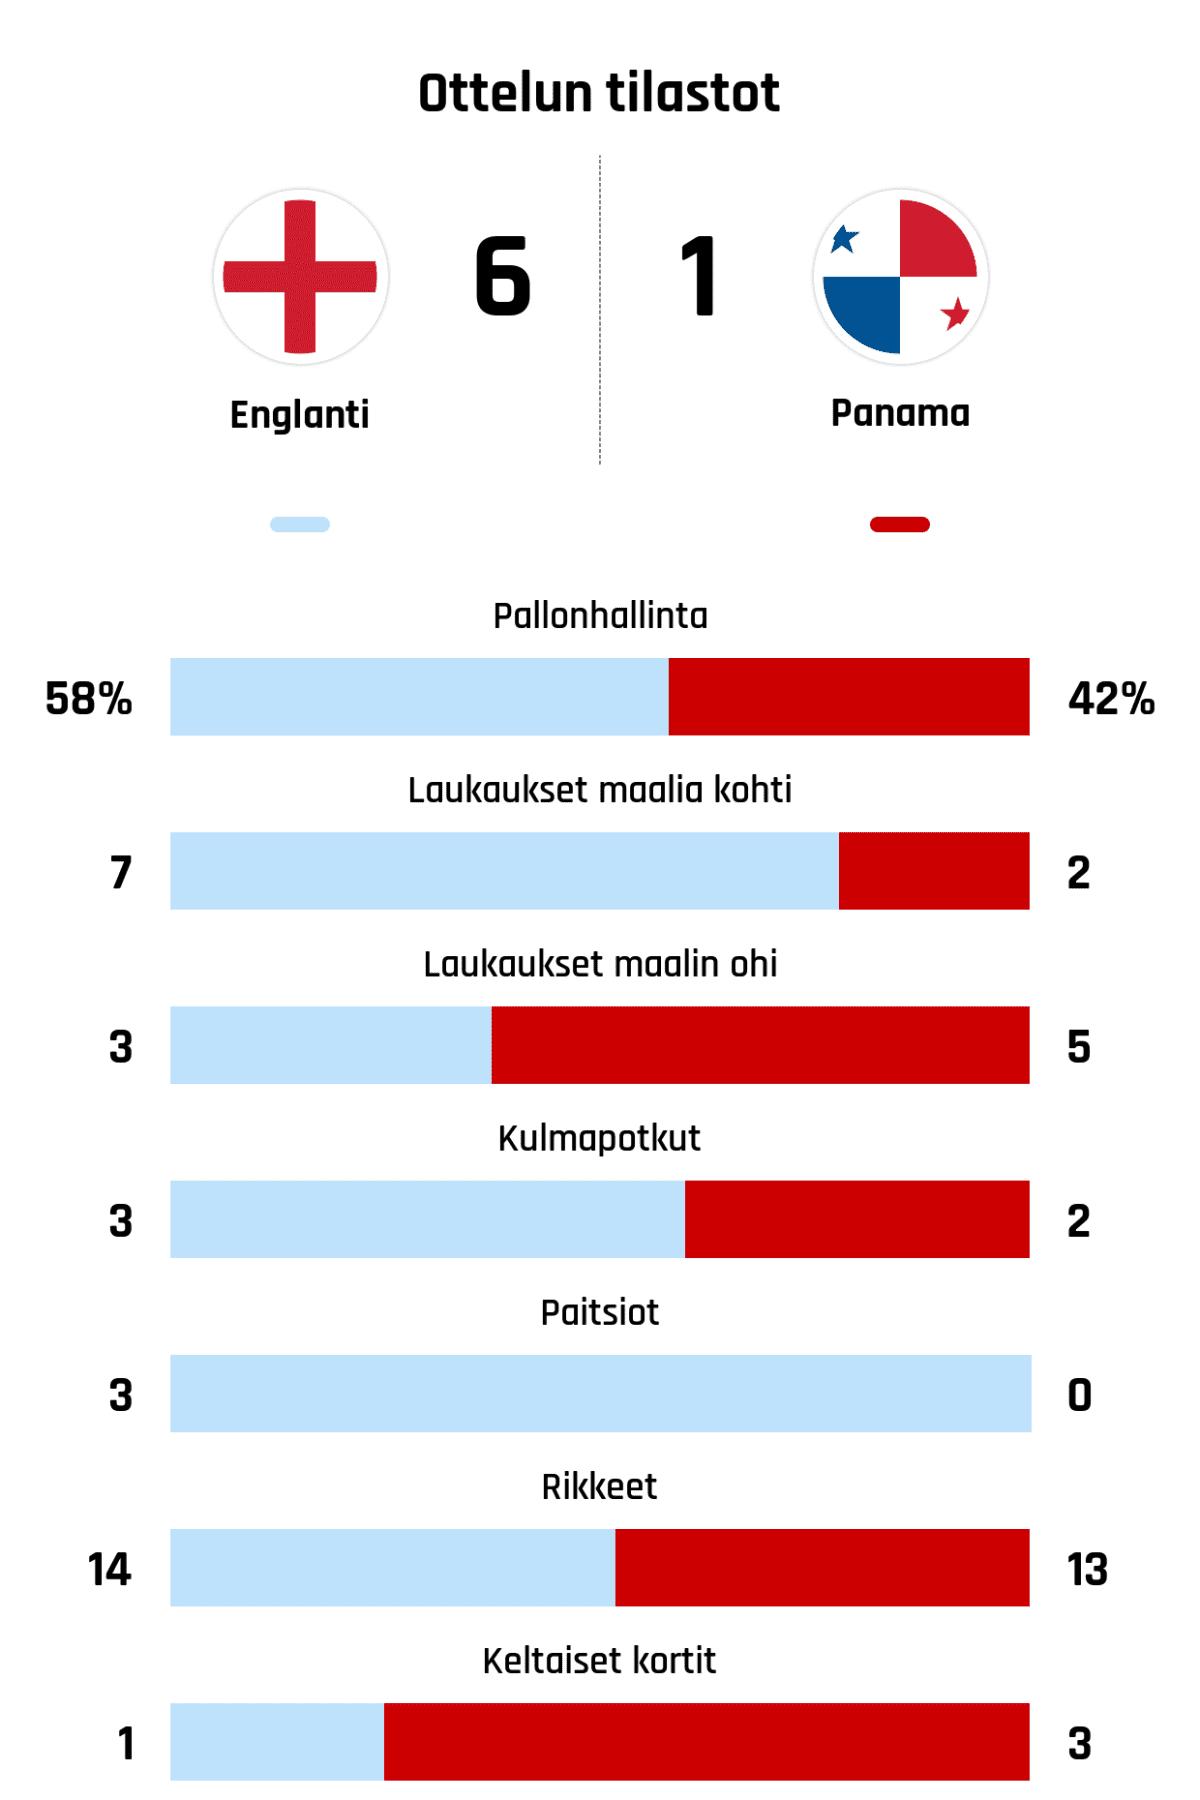 Pallonhallinta 58%-42% Laukaukset maalia kohti 7-2 Laukaukset maalin ohi 3-5 Kulmapotkut 3-2 Paitsiot 3-0 Rikkeet 14-13 Keltaiset kortit 1-3